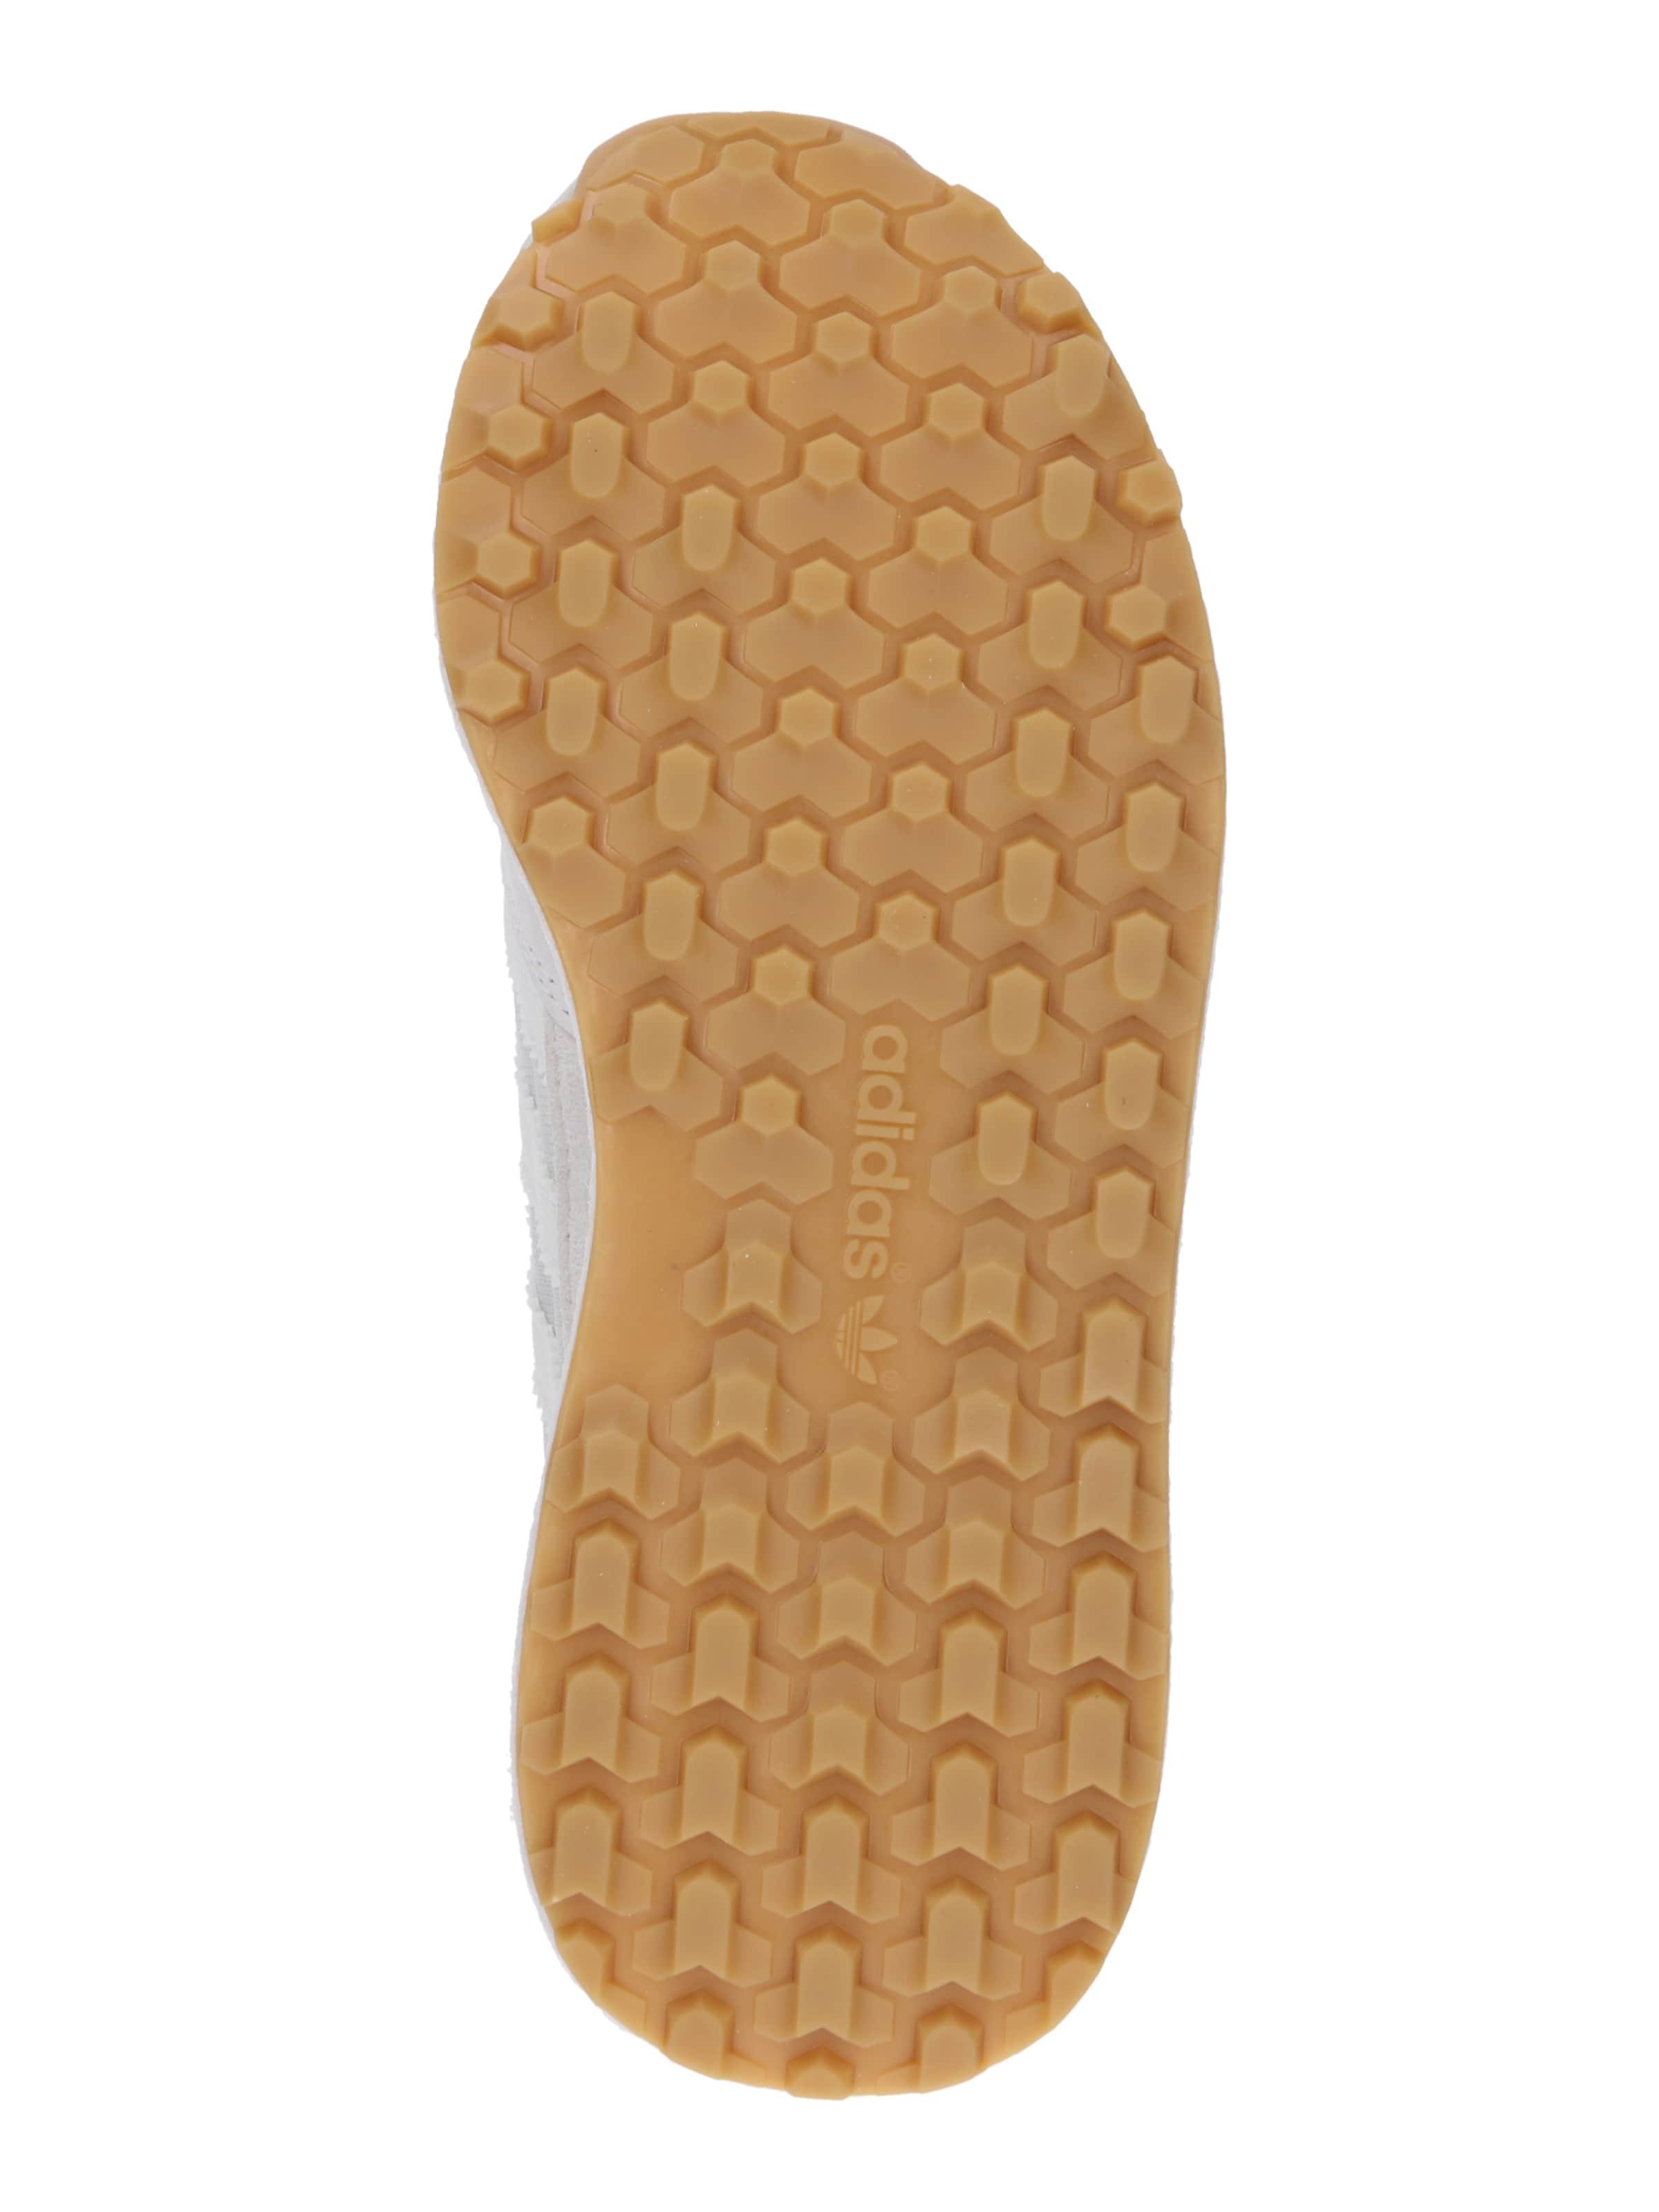 HellgrauWeiß In Grove' Sneaker Adidas Originals 'forest OiPXZkwuT